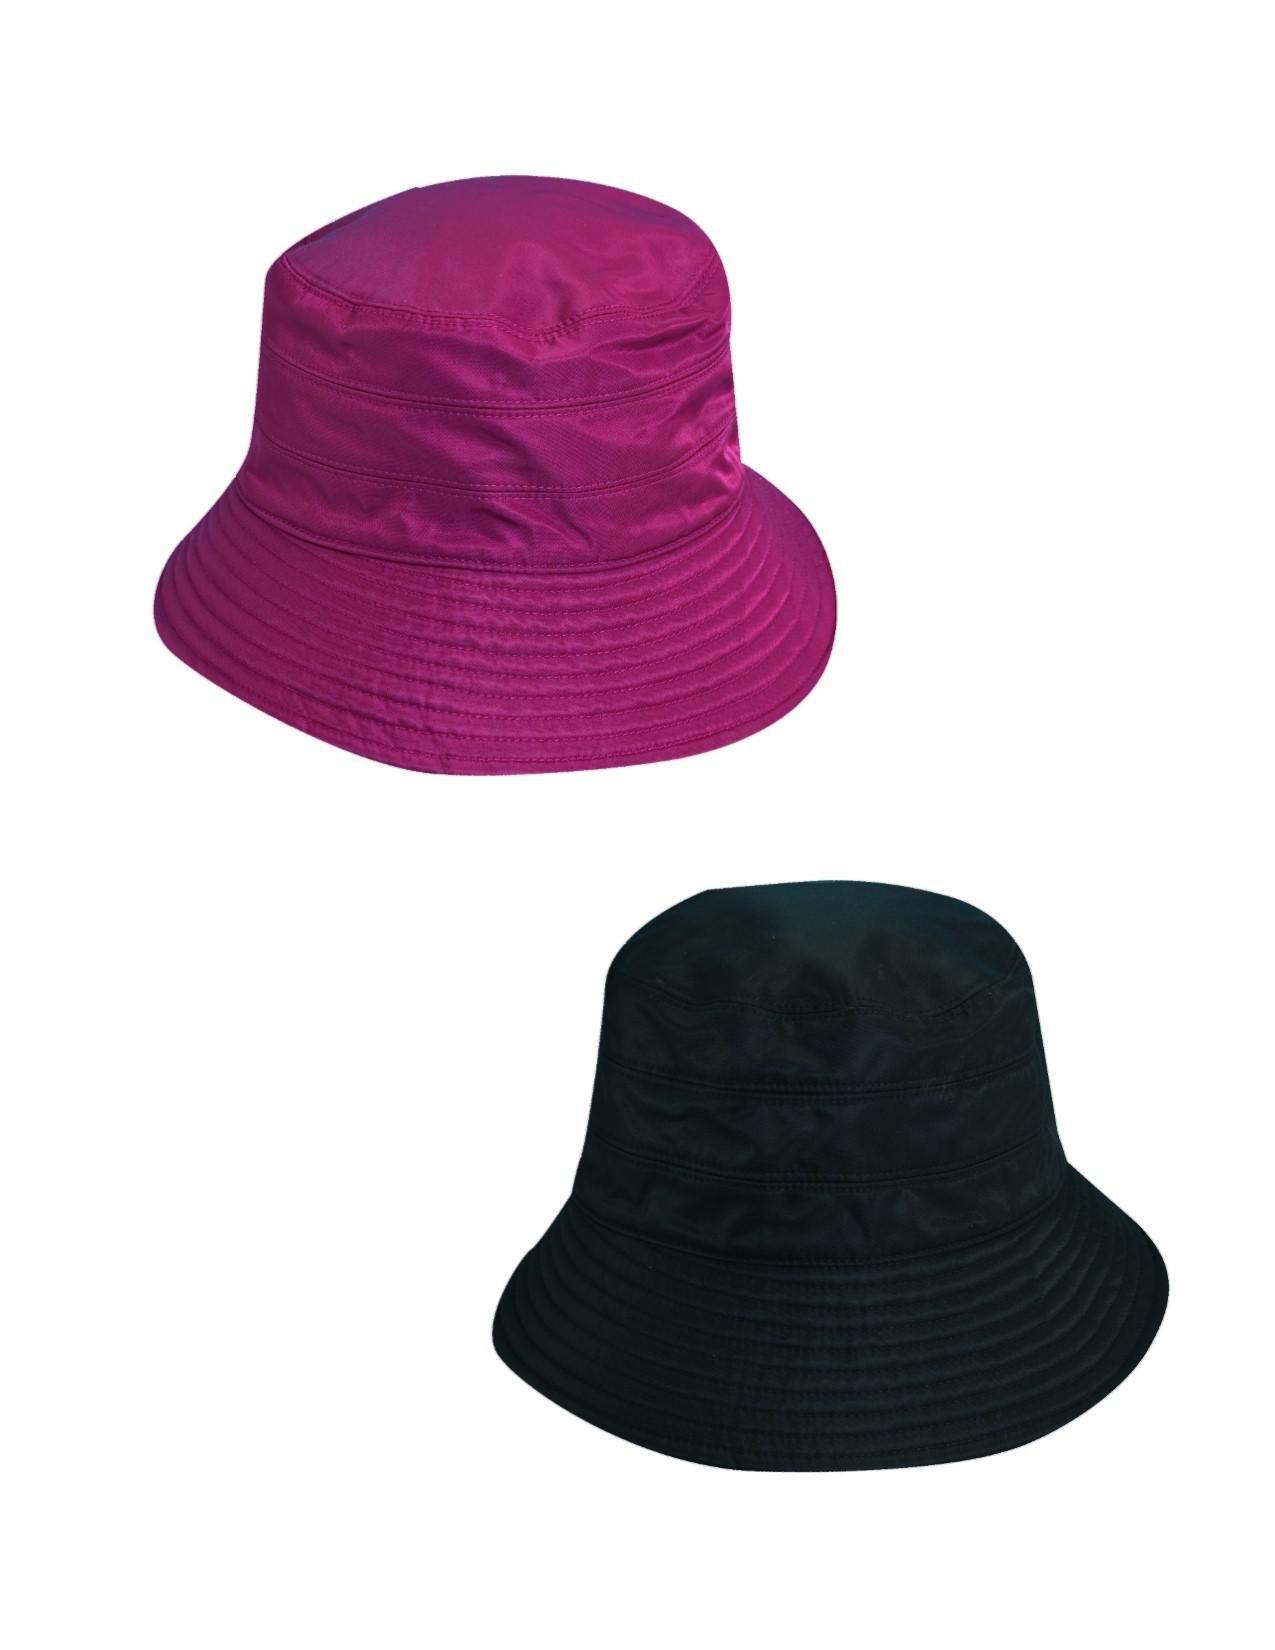 Dorfman Pacific Women's Tapered Waterproof Rain Hat (Pack of 2), Wine/Black